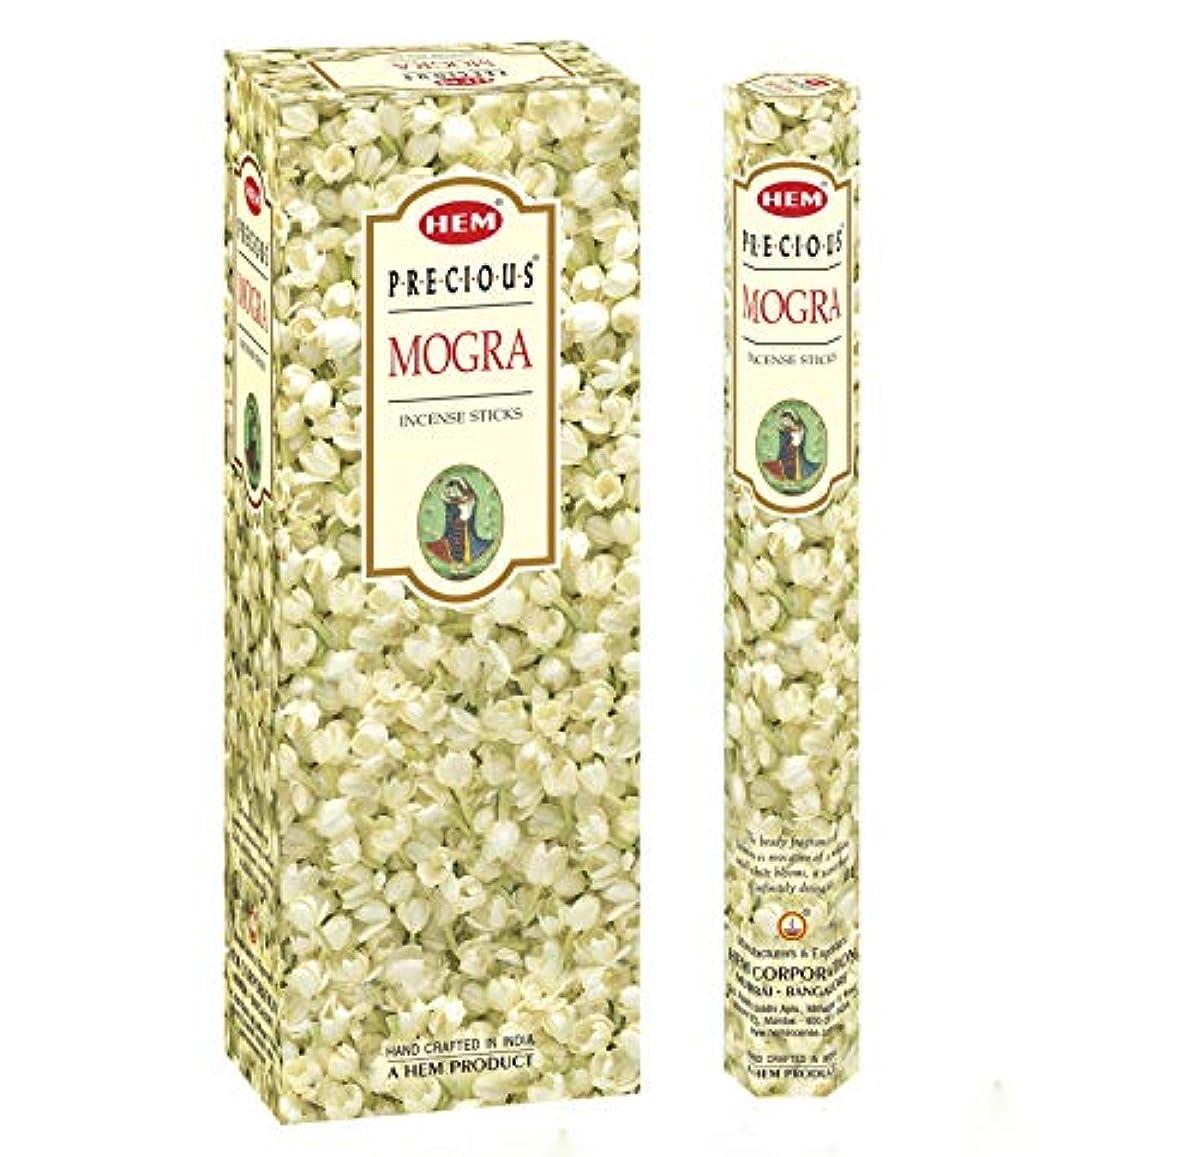 カロリー竜巻文字通りPrecious Mogra – ボックスof 6つ20スティックチューブ、120 Sticks合計 – 裾Incense